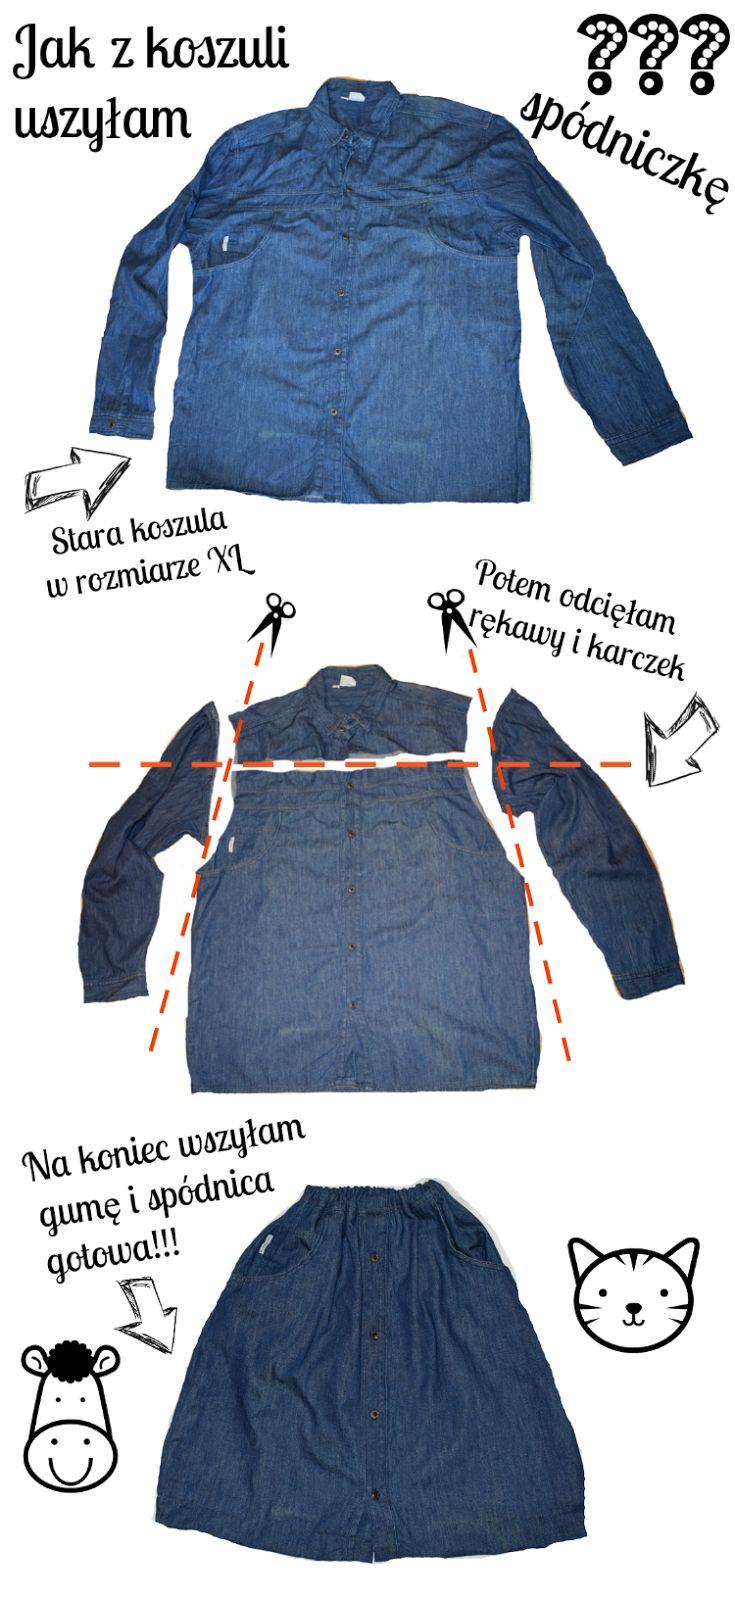 Recykling ubrań, Koszula, DIY, Spódniczka, jak przerobić koszulę, spódniczka z koszuli, Dalwi szyje, szyciowe blogi, szycie Dalwi, koszula z haftem, haft